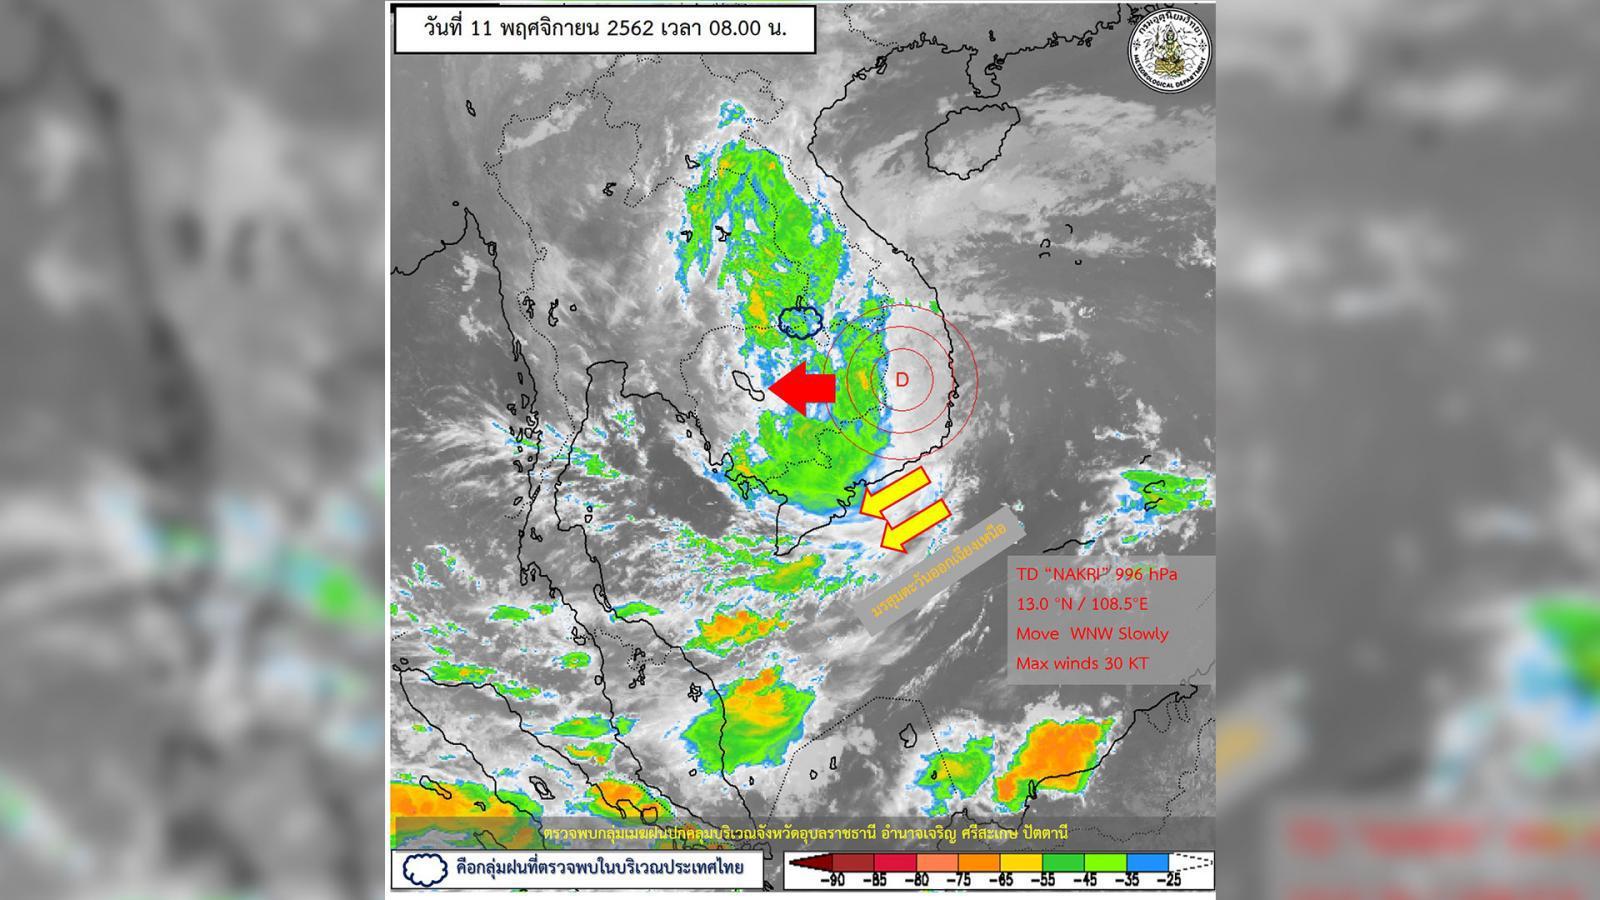 """อุตุฯ เตือน พายุ """"นากรี"""" ทำไทยฝนตกบางแห่ง – เตรียมหนาว 13-15 พ.ย. นี้"""